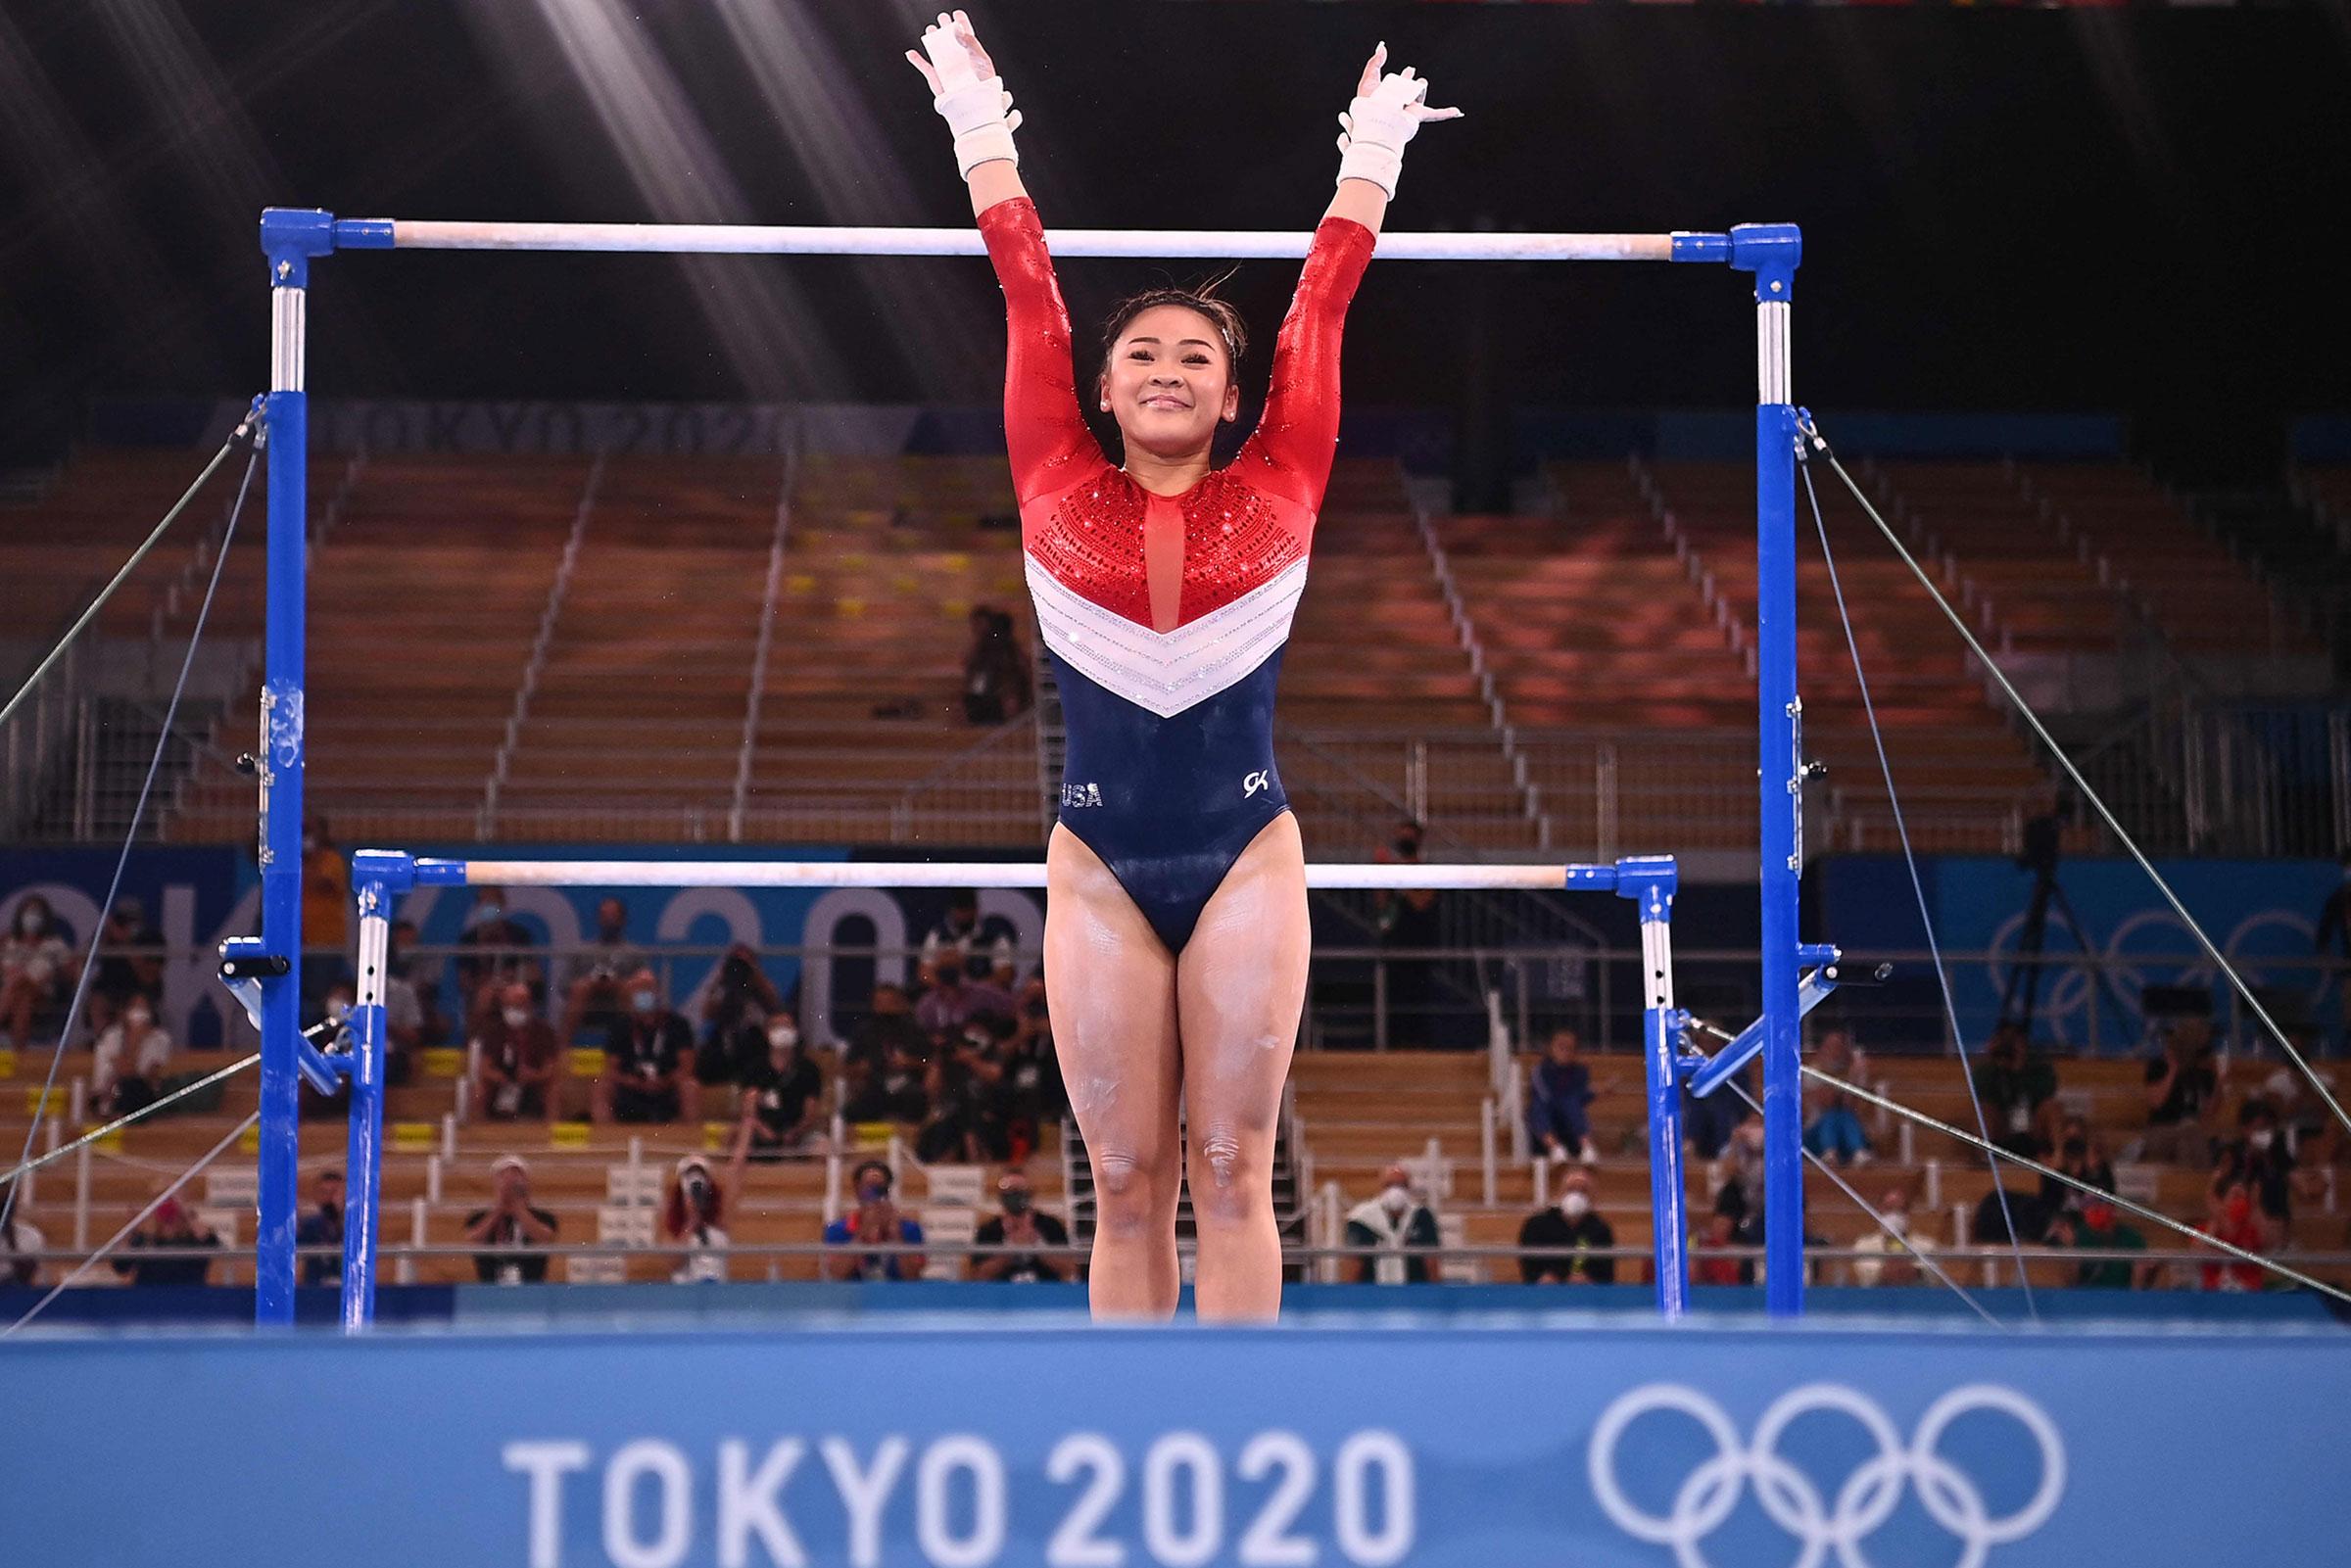 في 27 تموز (يوليو) 2021 ، ستستجيب الولايات المتحدة سينيسا لي في مركز أريوك للجمباز في طوكيو بعد مشاركتها في فريق أولمبياد الجمباز النسائي للمعاقين.